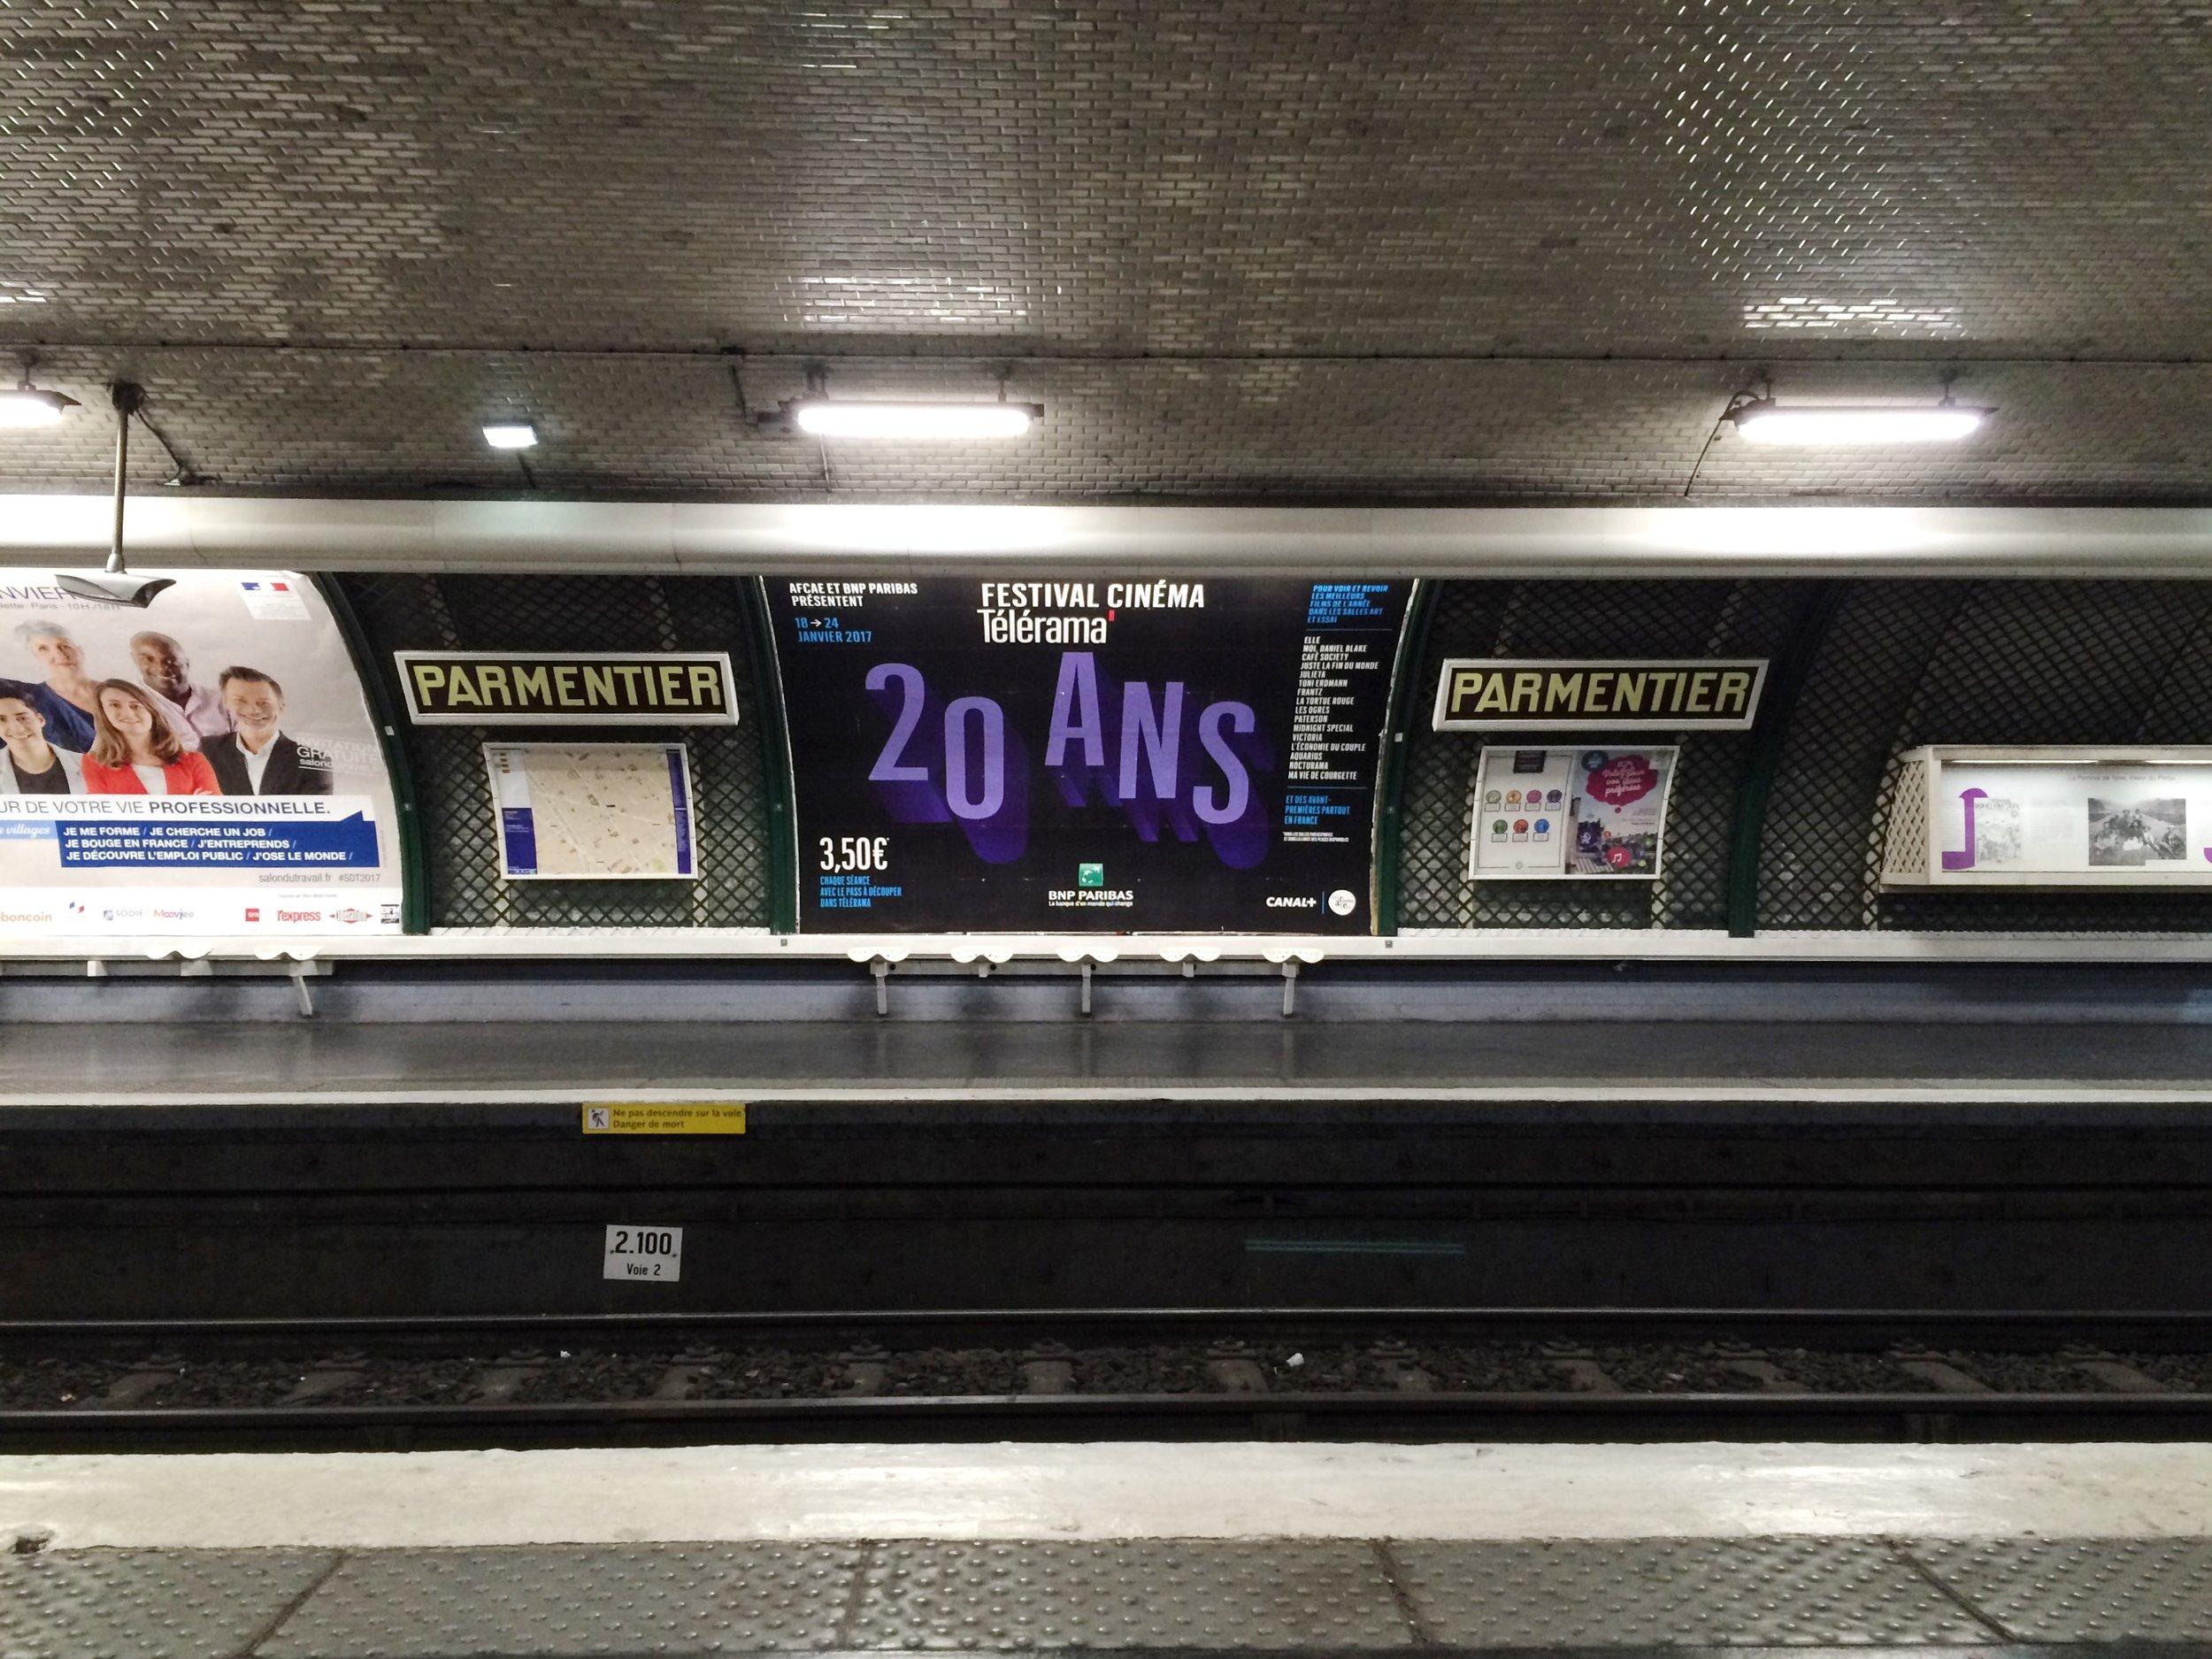 Partmentier Station, Le Metro   Paris   source: Alexis Rockley, Local (Tourist)